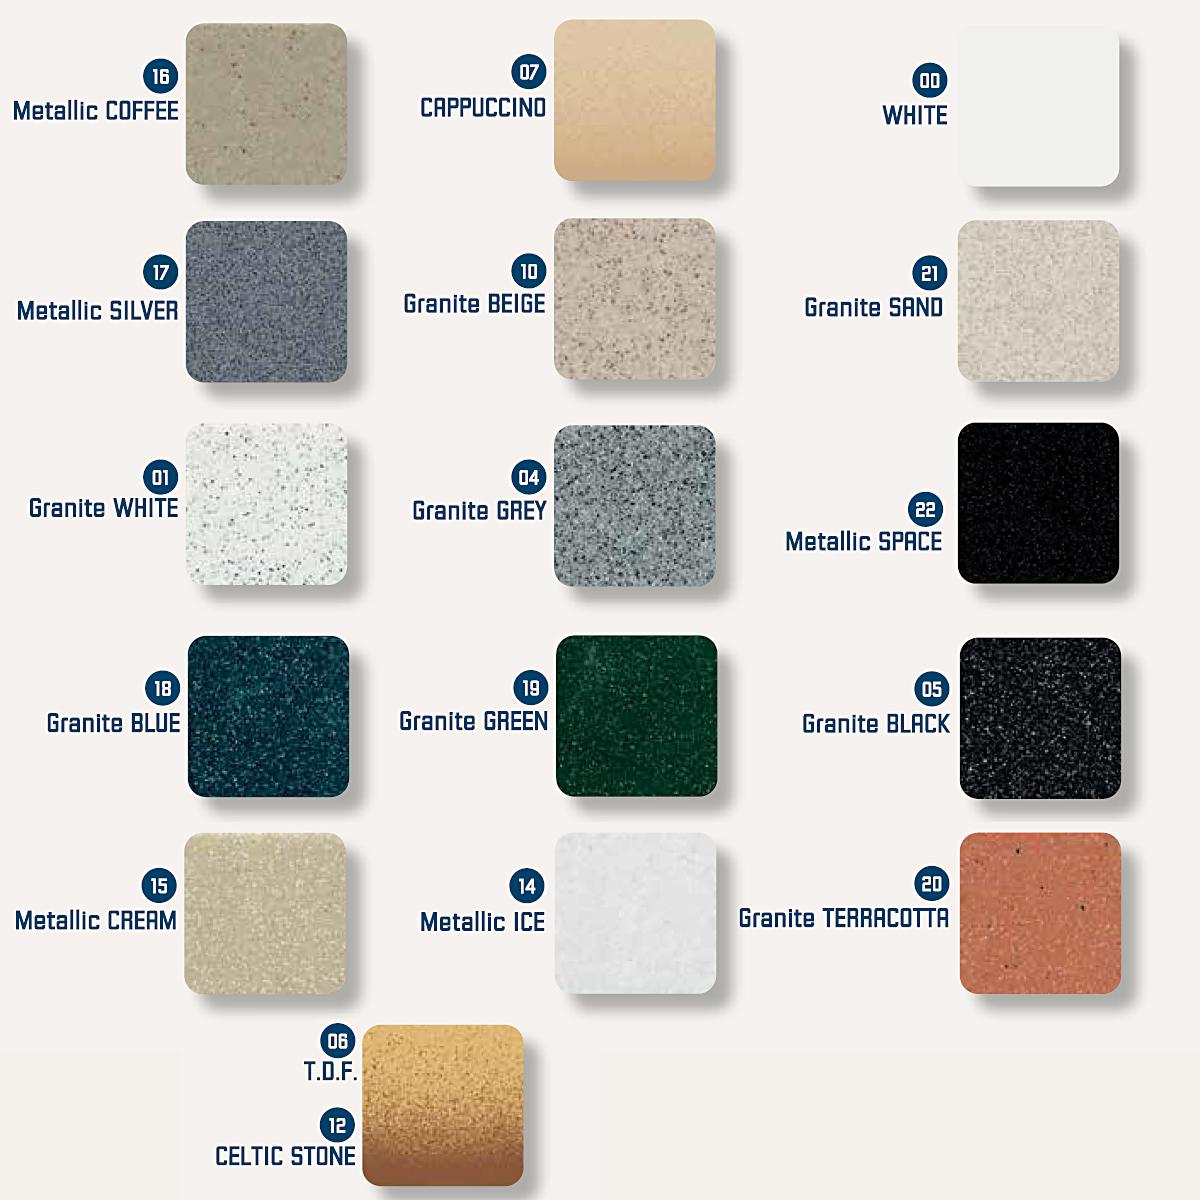 Νεροχύτης συνθετικού γρανίτη Sanitec Silk 321 1B 83x51cm 15 χρώματα